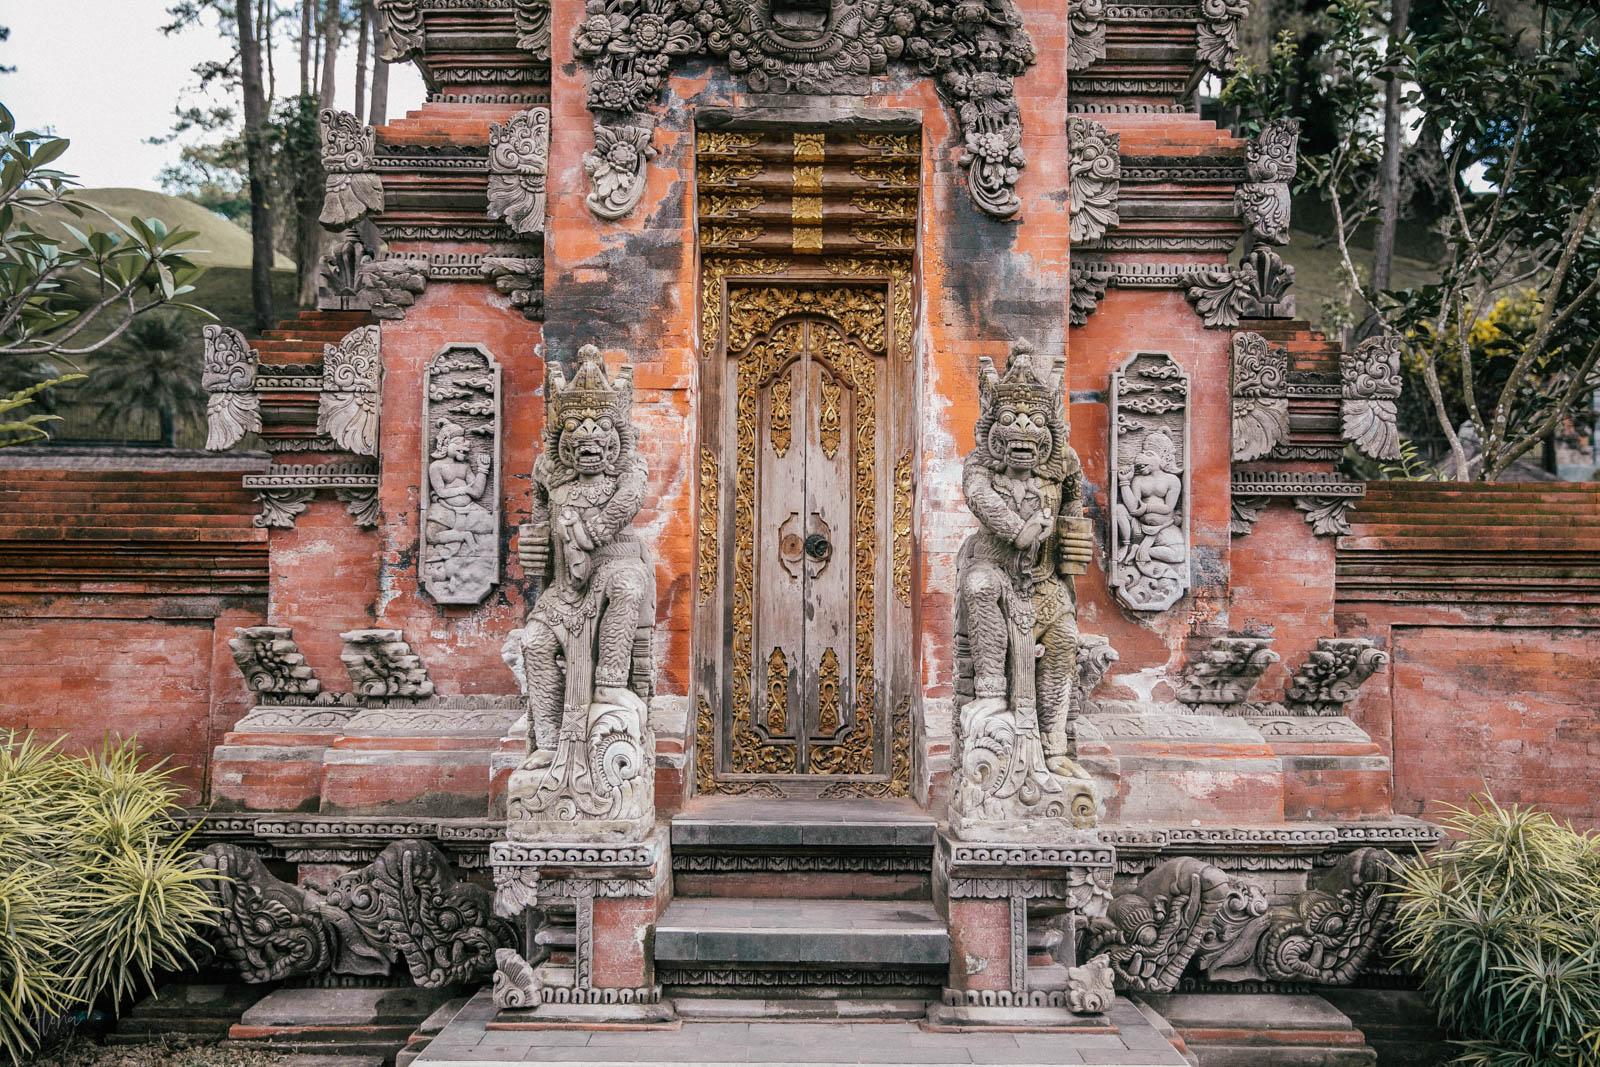 ID5A6390 - Notre top 5 des plus beaux temples à Bali